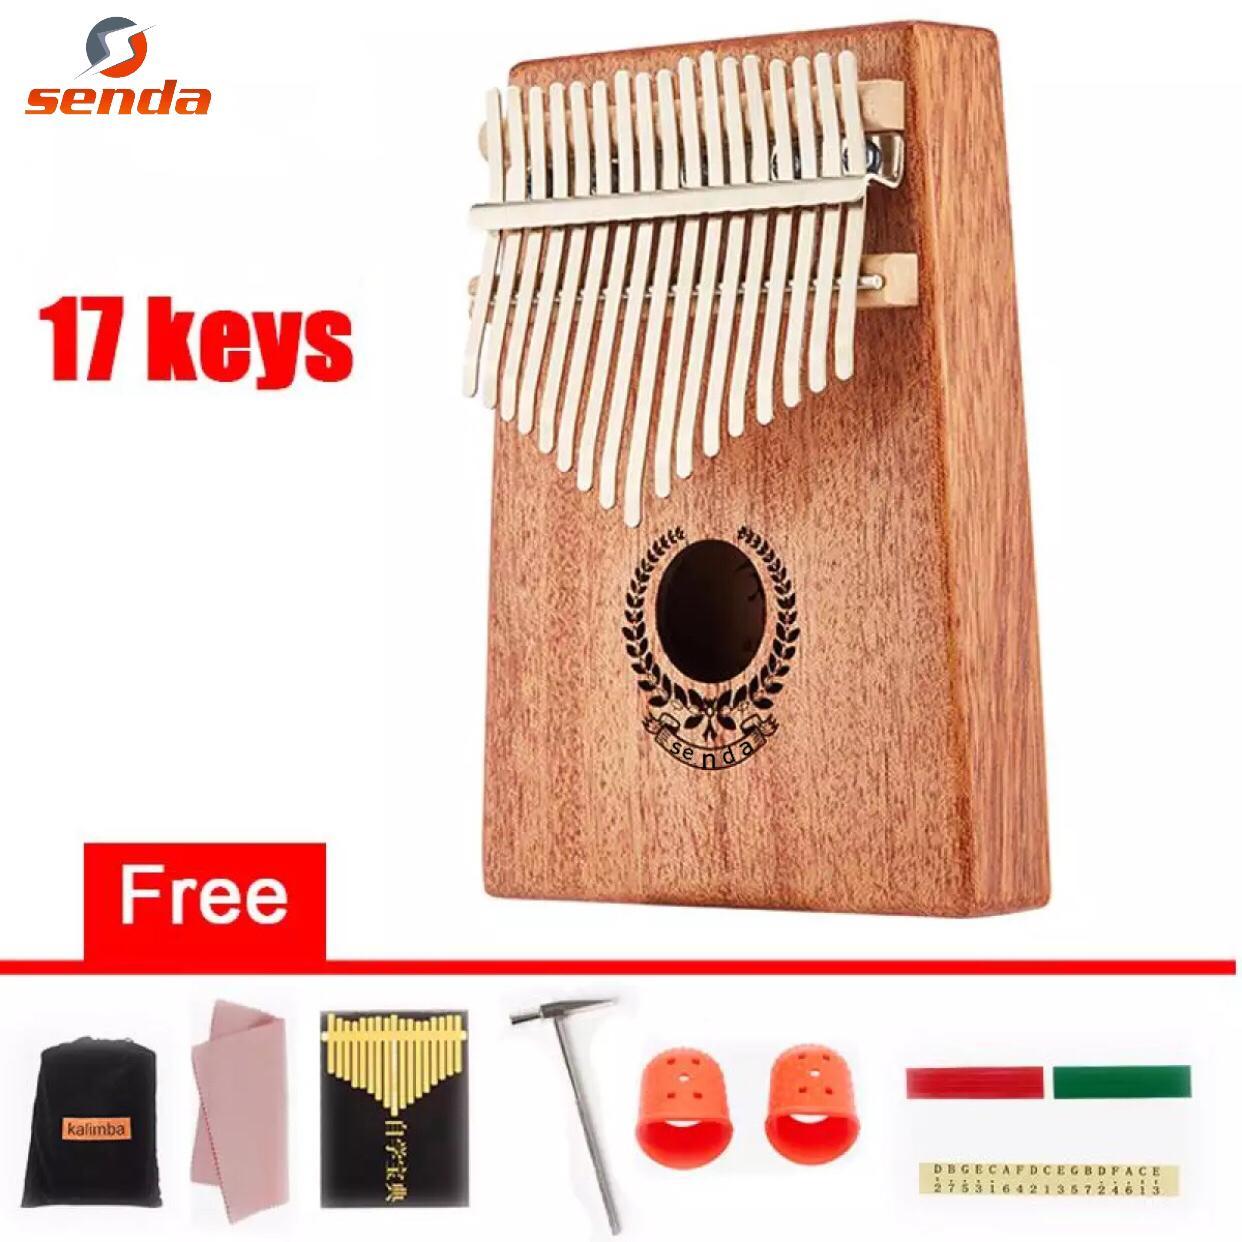 Senda Kalimba 17 Keys Thumb Piano and Tune Hammer,Portable Mahogany Body  Finger Piano Kit